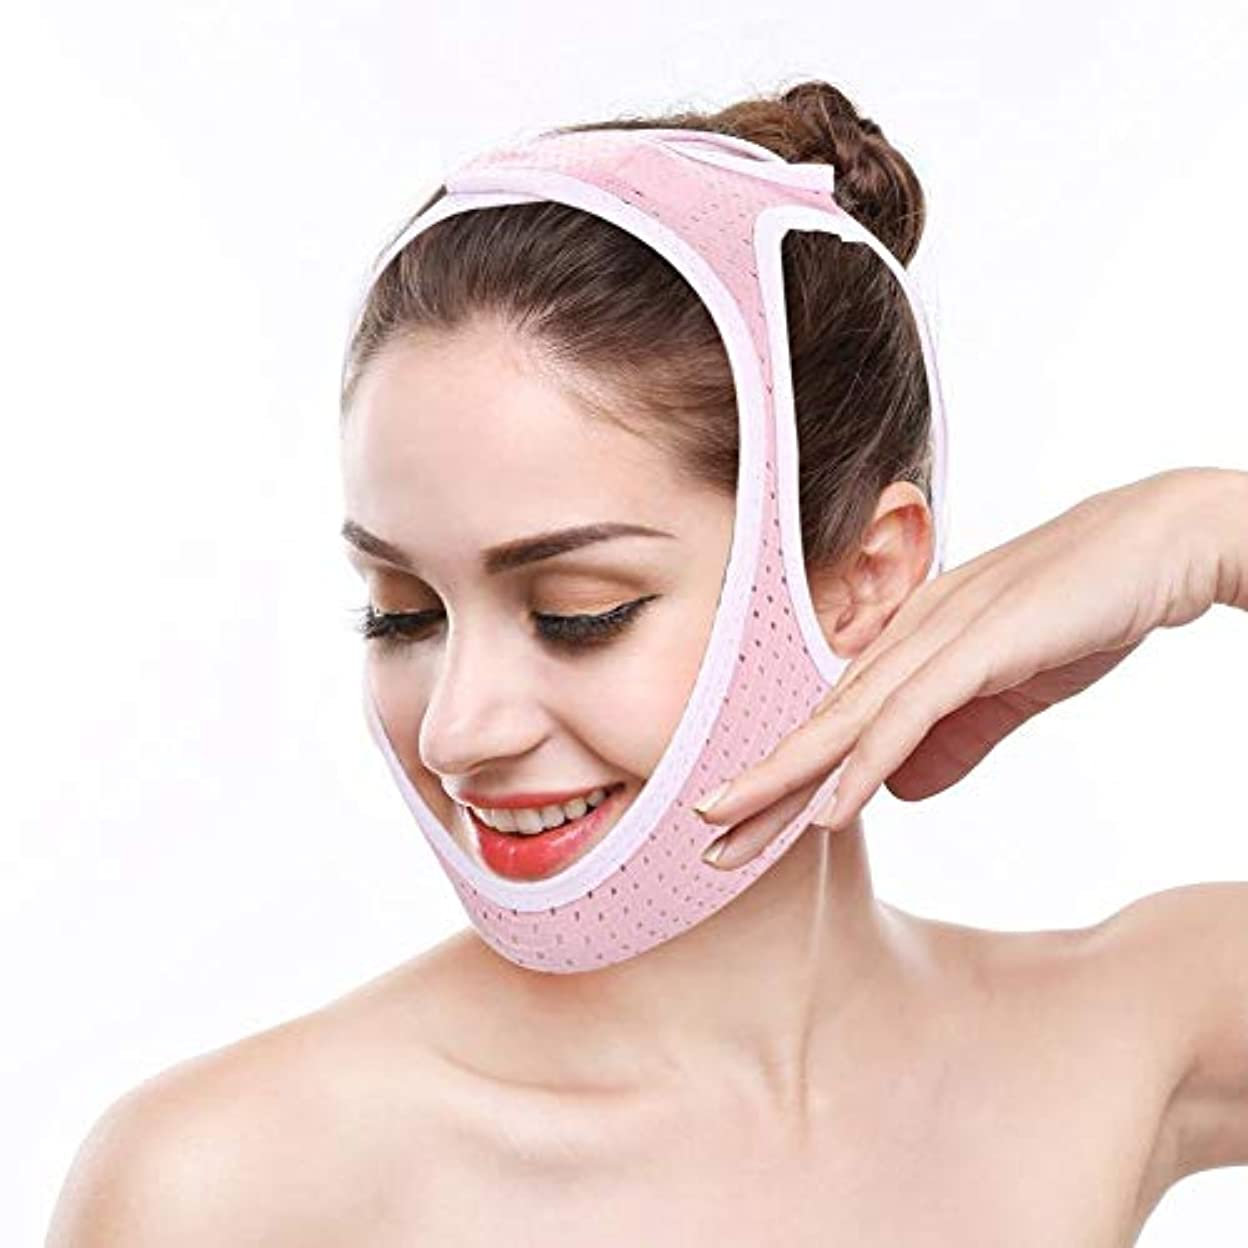 略す疑い者致死二重あごを減らすための減量用フェイスマスク、減量用フェイスマスク(M)